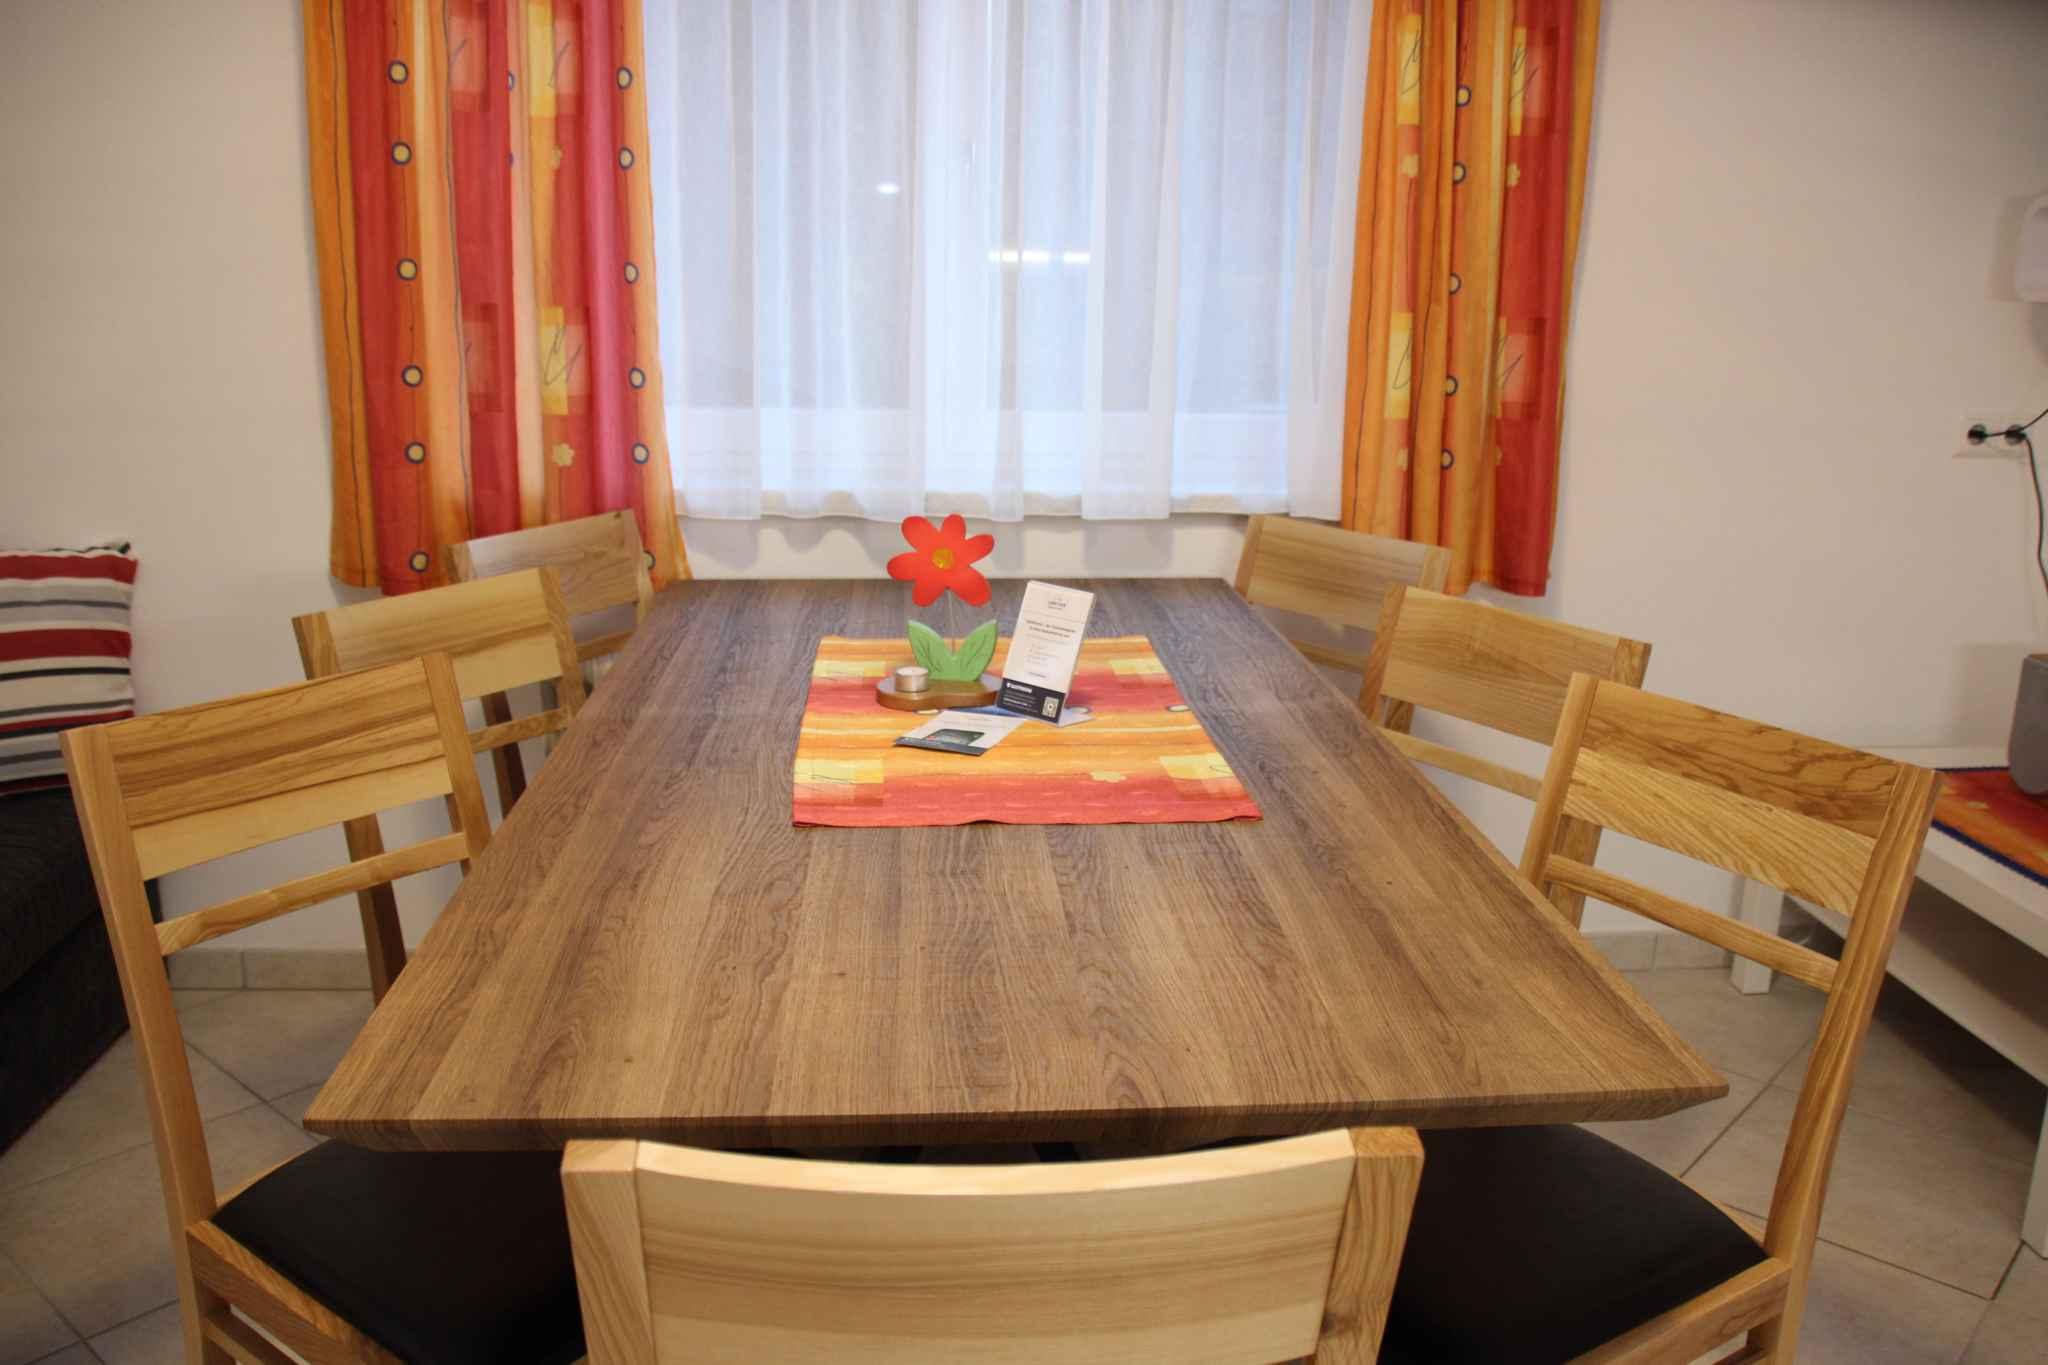 Ferienwohnung in ruhiger und sonniger Hanglage (281291), Flattach, , Kärnten, Österreich, Bild 12